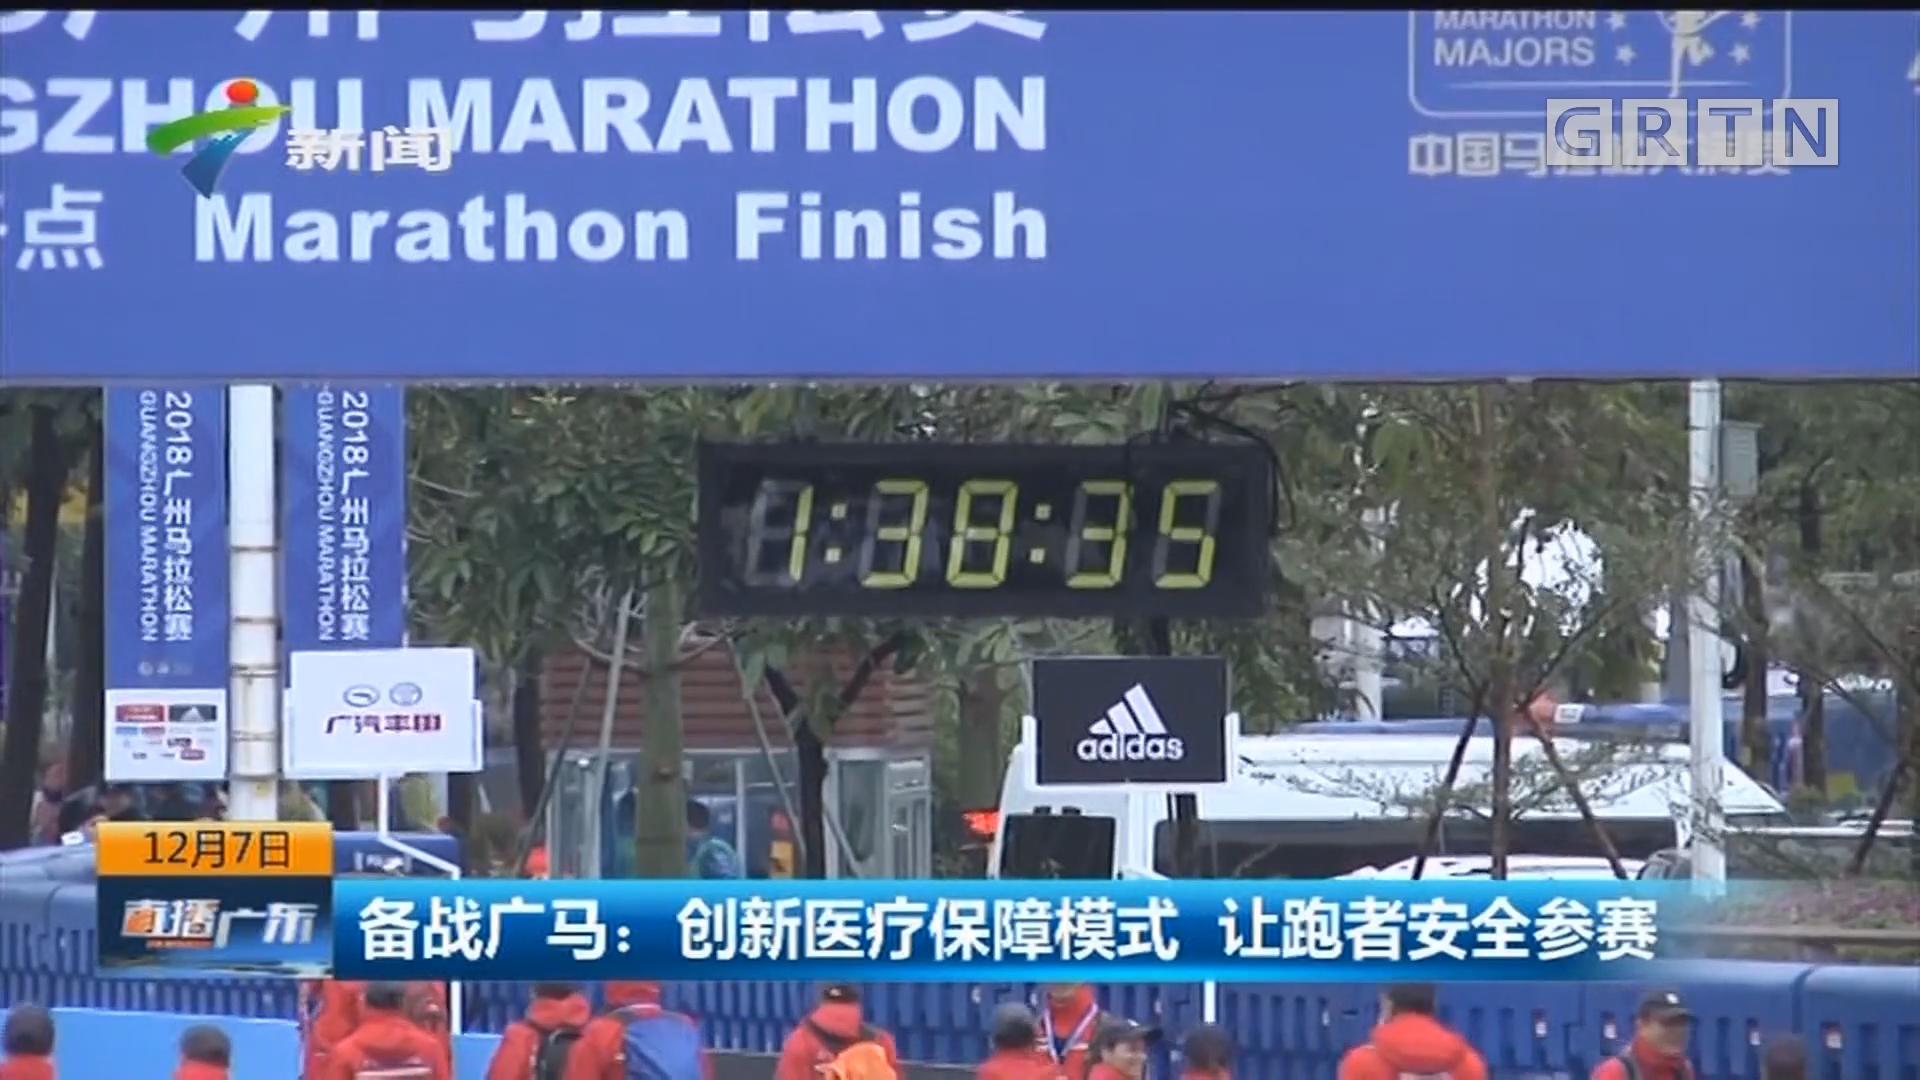 备战广马:创新医疗保障模式 让跑者安全参赛